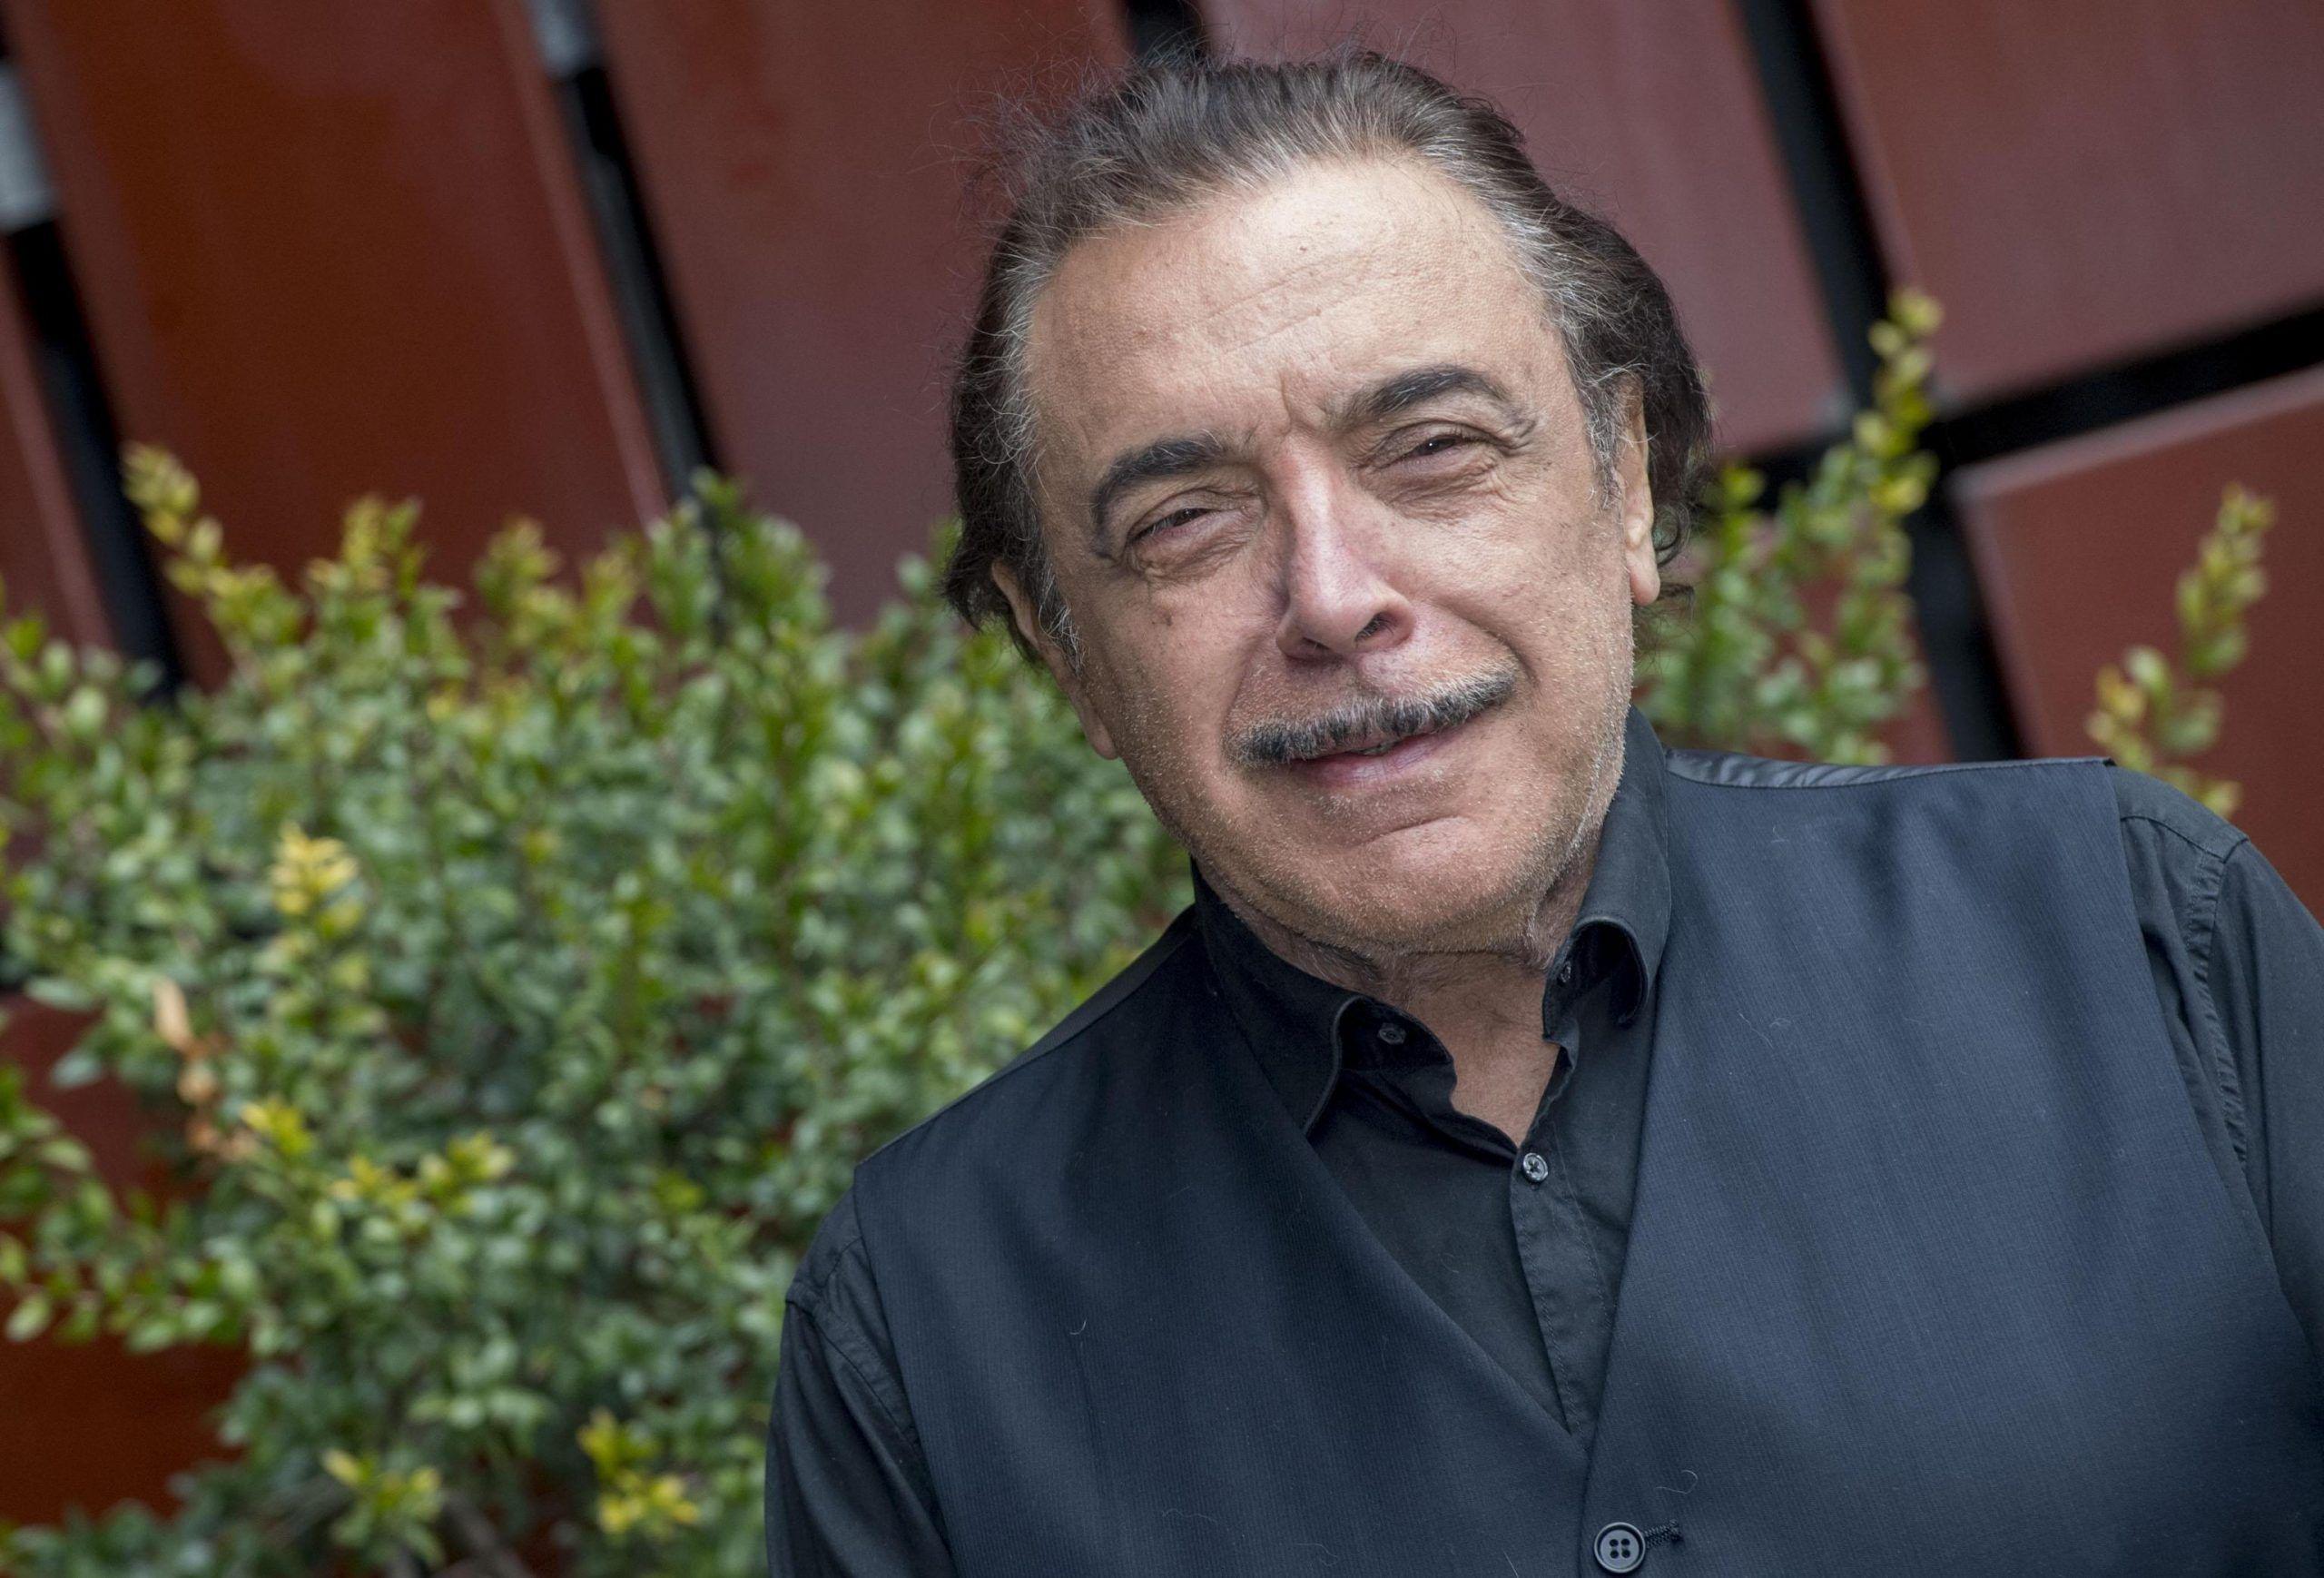 Nino Frassica, l'attore rivela: 'Sposo Barbara Exignotis in Sicilia'